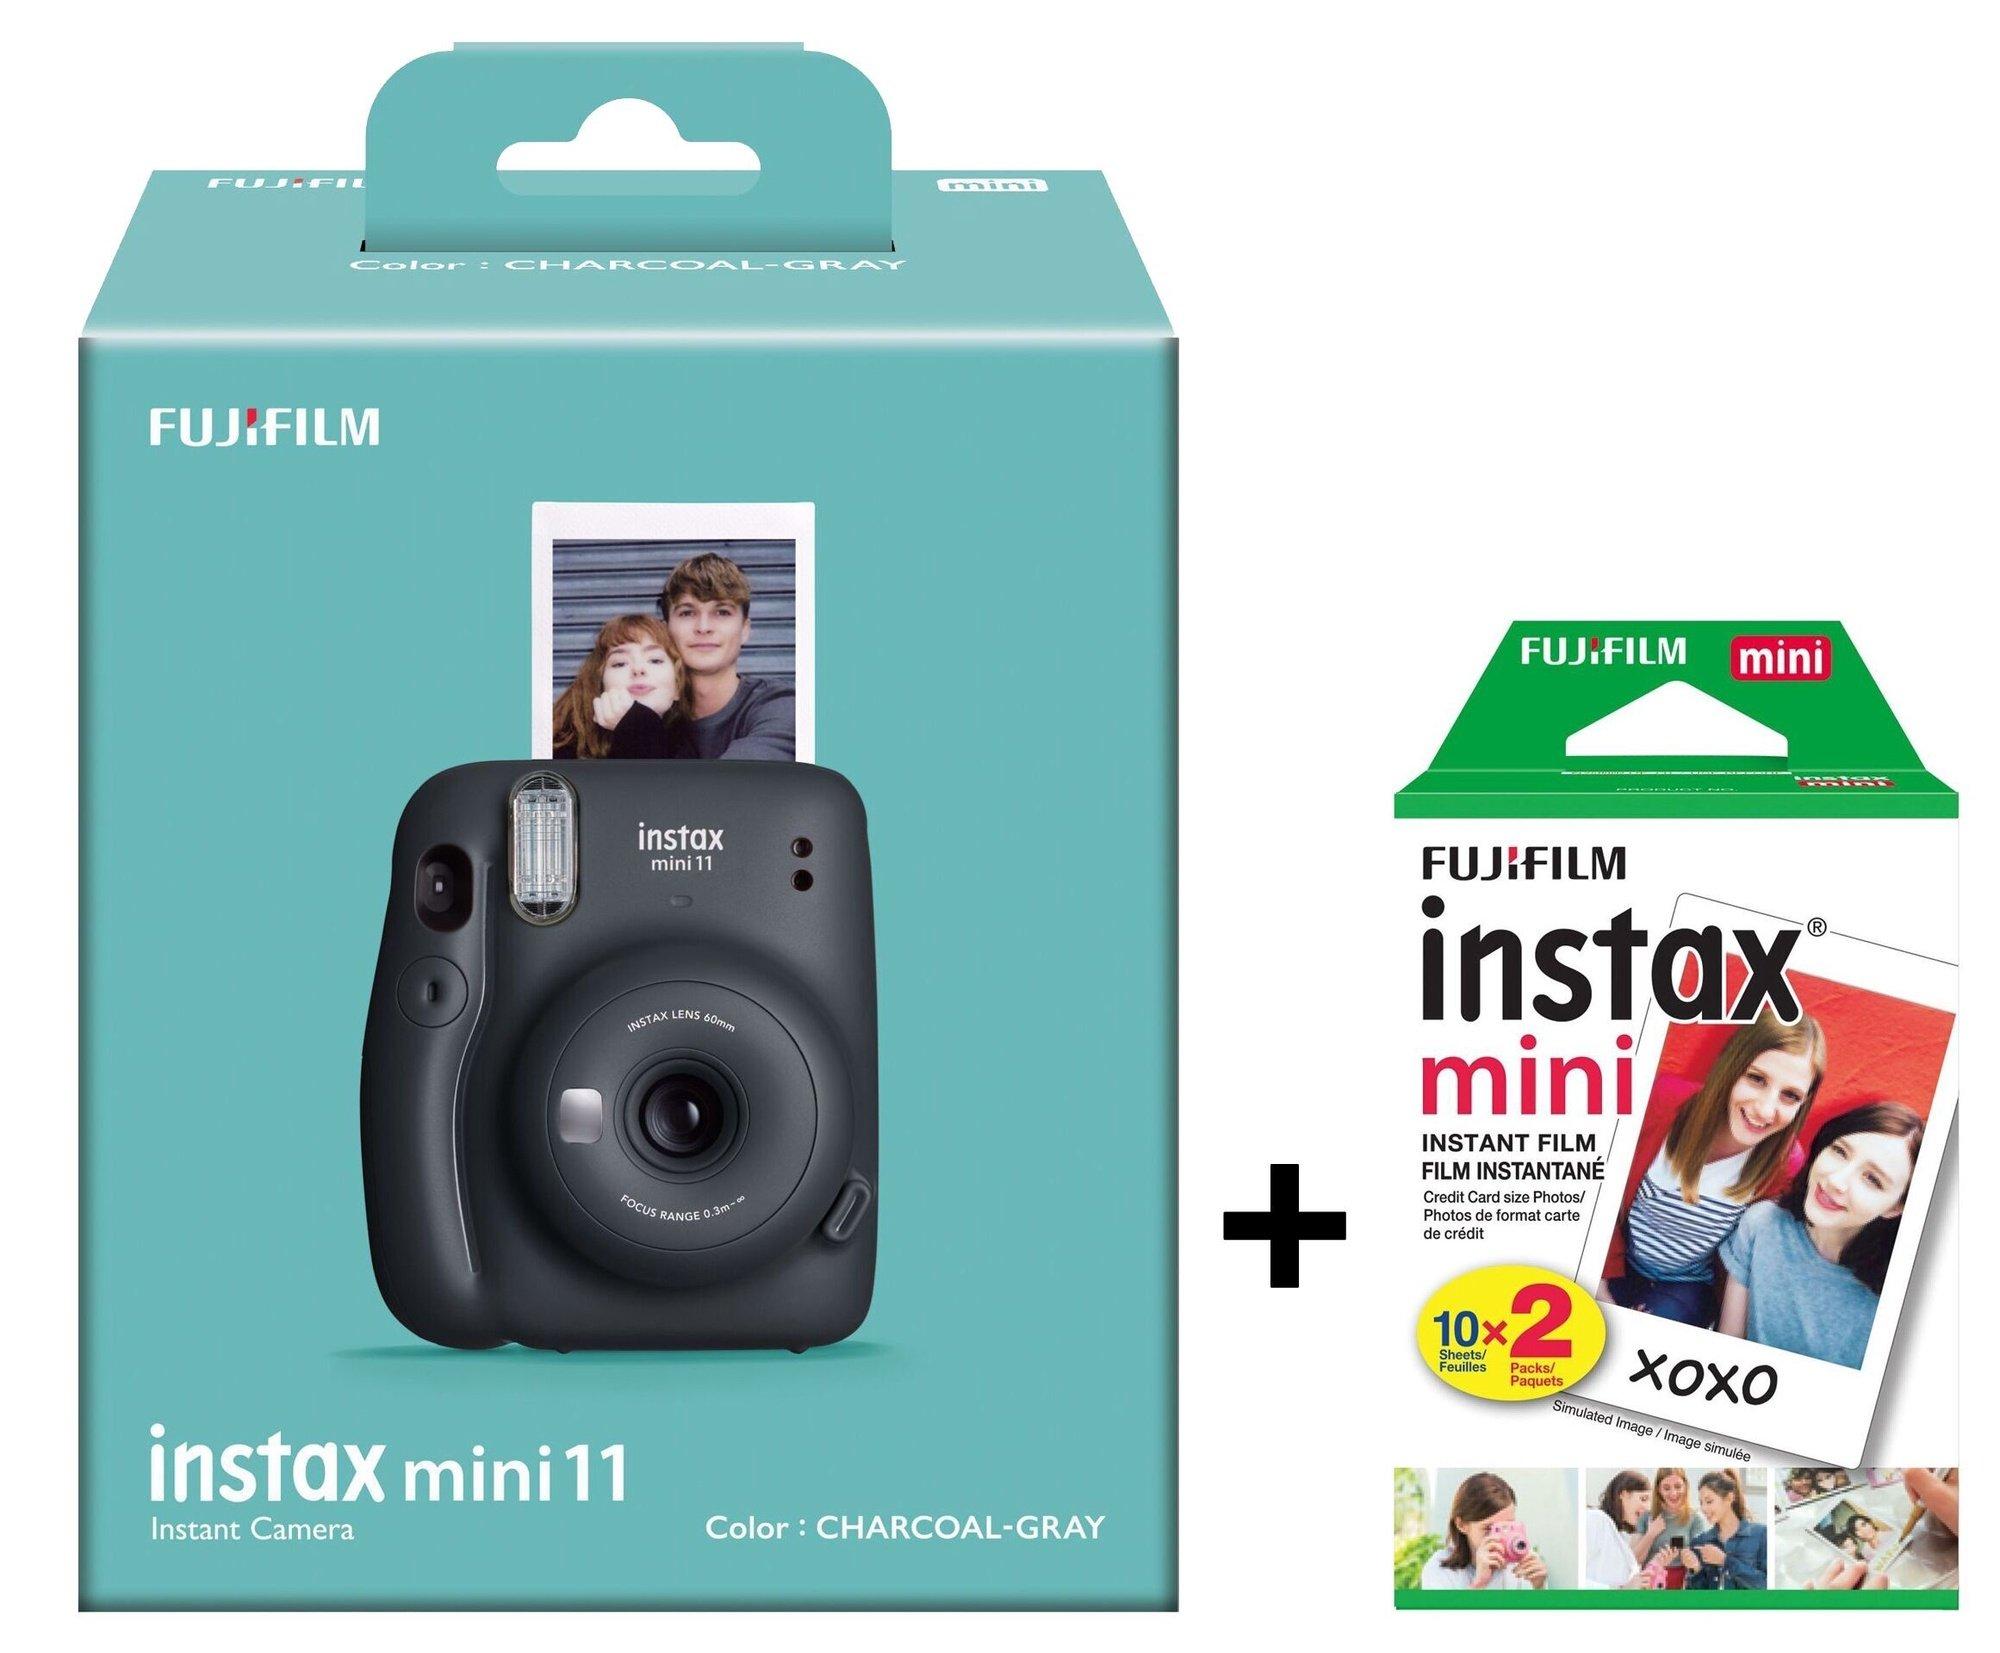 Fujifilm Instax Mini 11 Charcoal Gray + 10 film